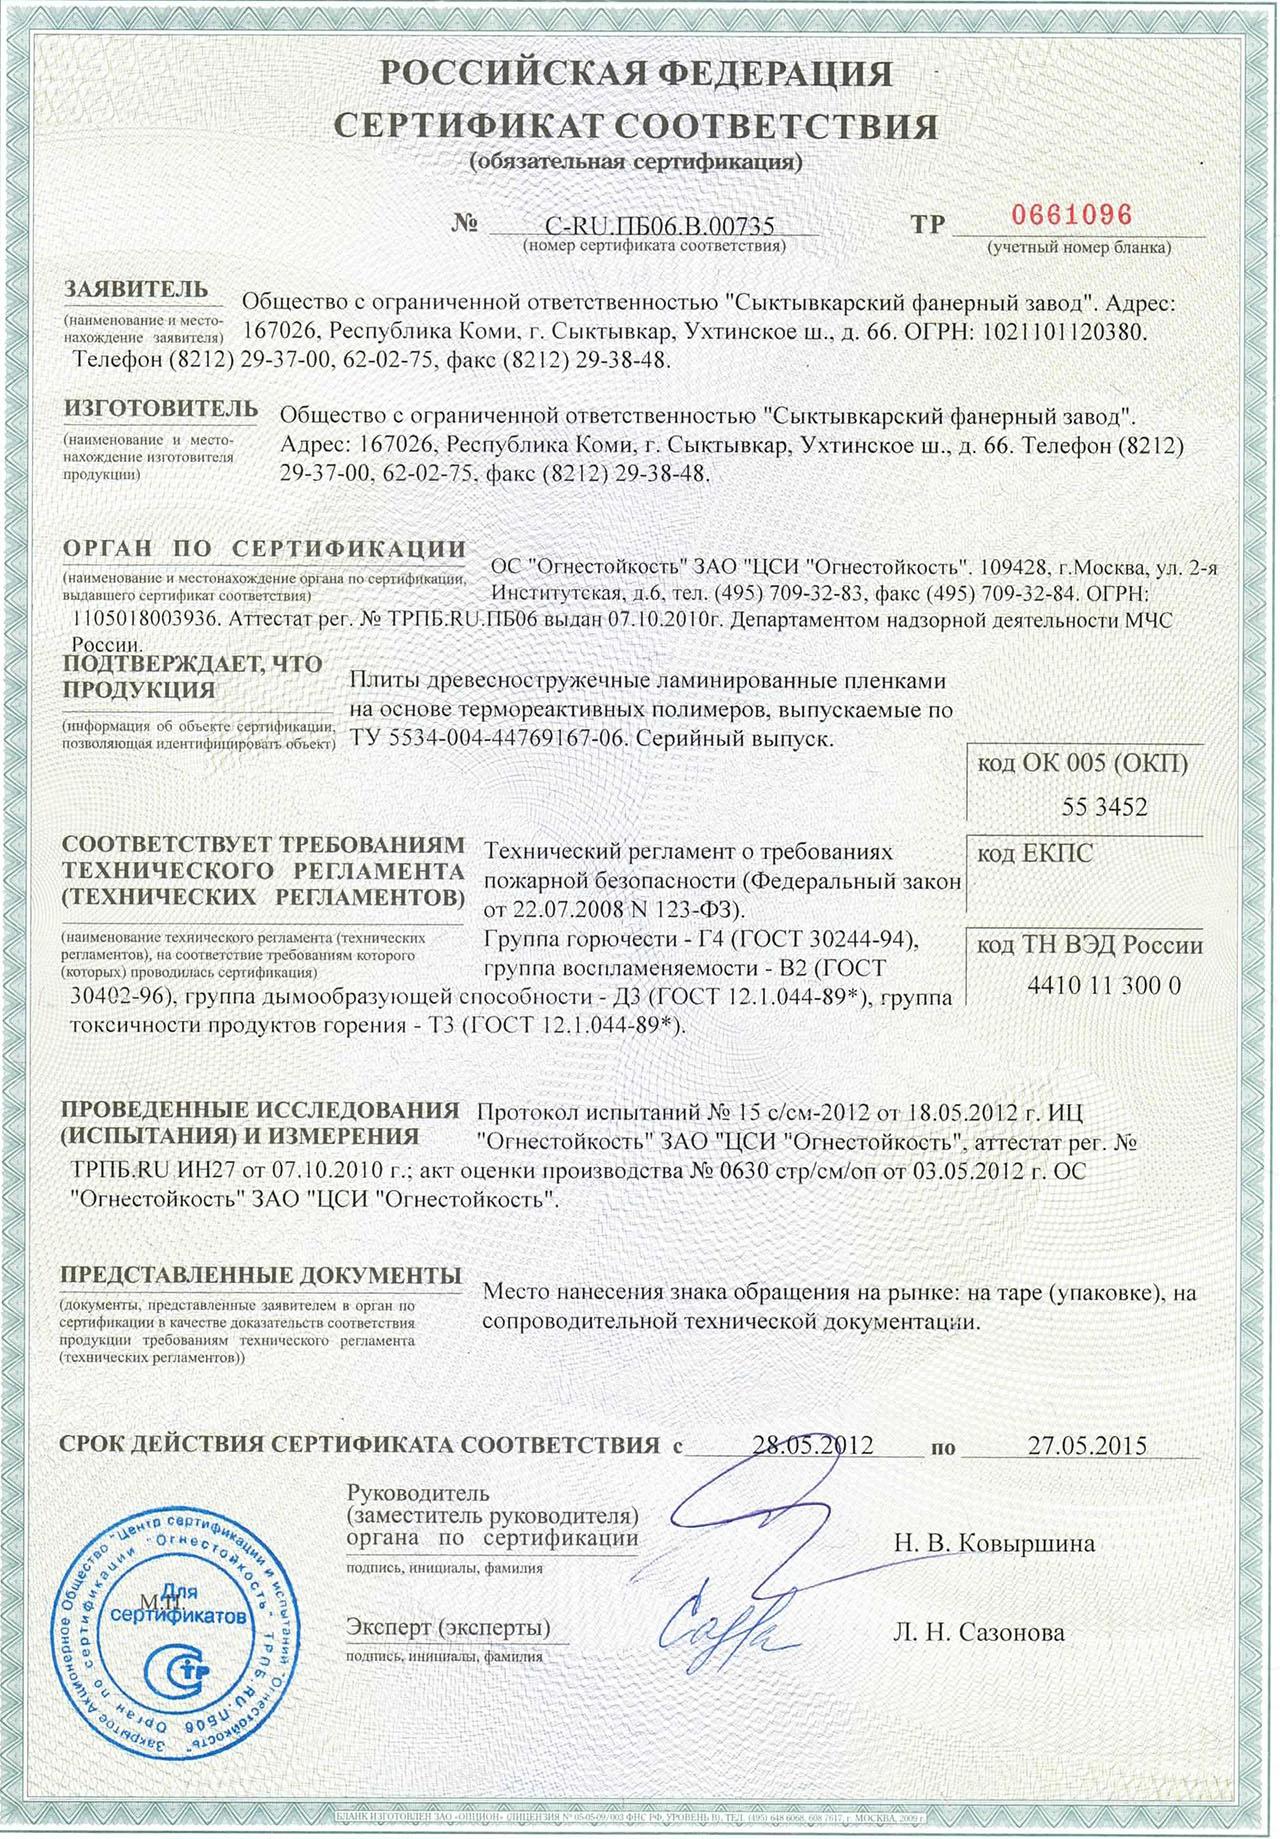 Дсп сертификация пожарная сертификати гост